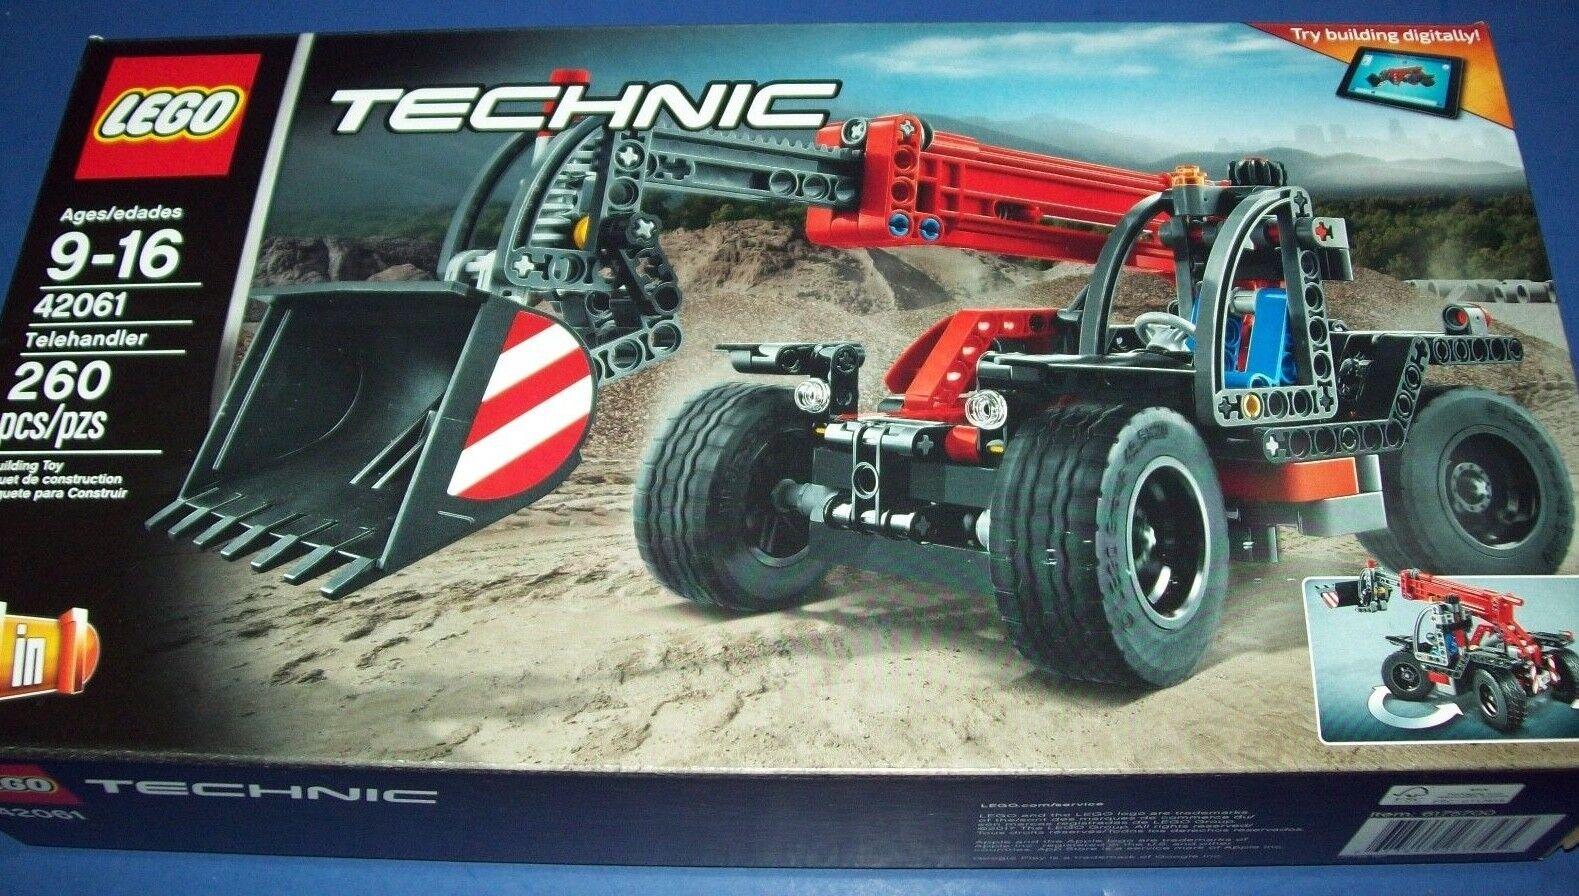 Lego 42061 Technic Carrelli a Braccio Telescopico Costruzione Power Funzione